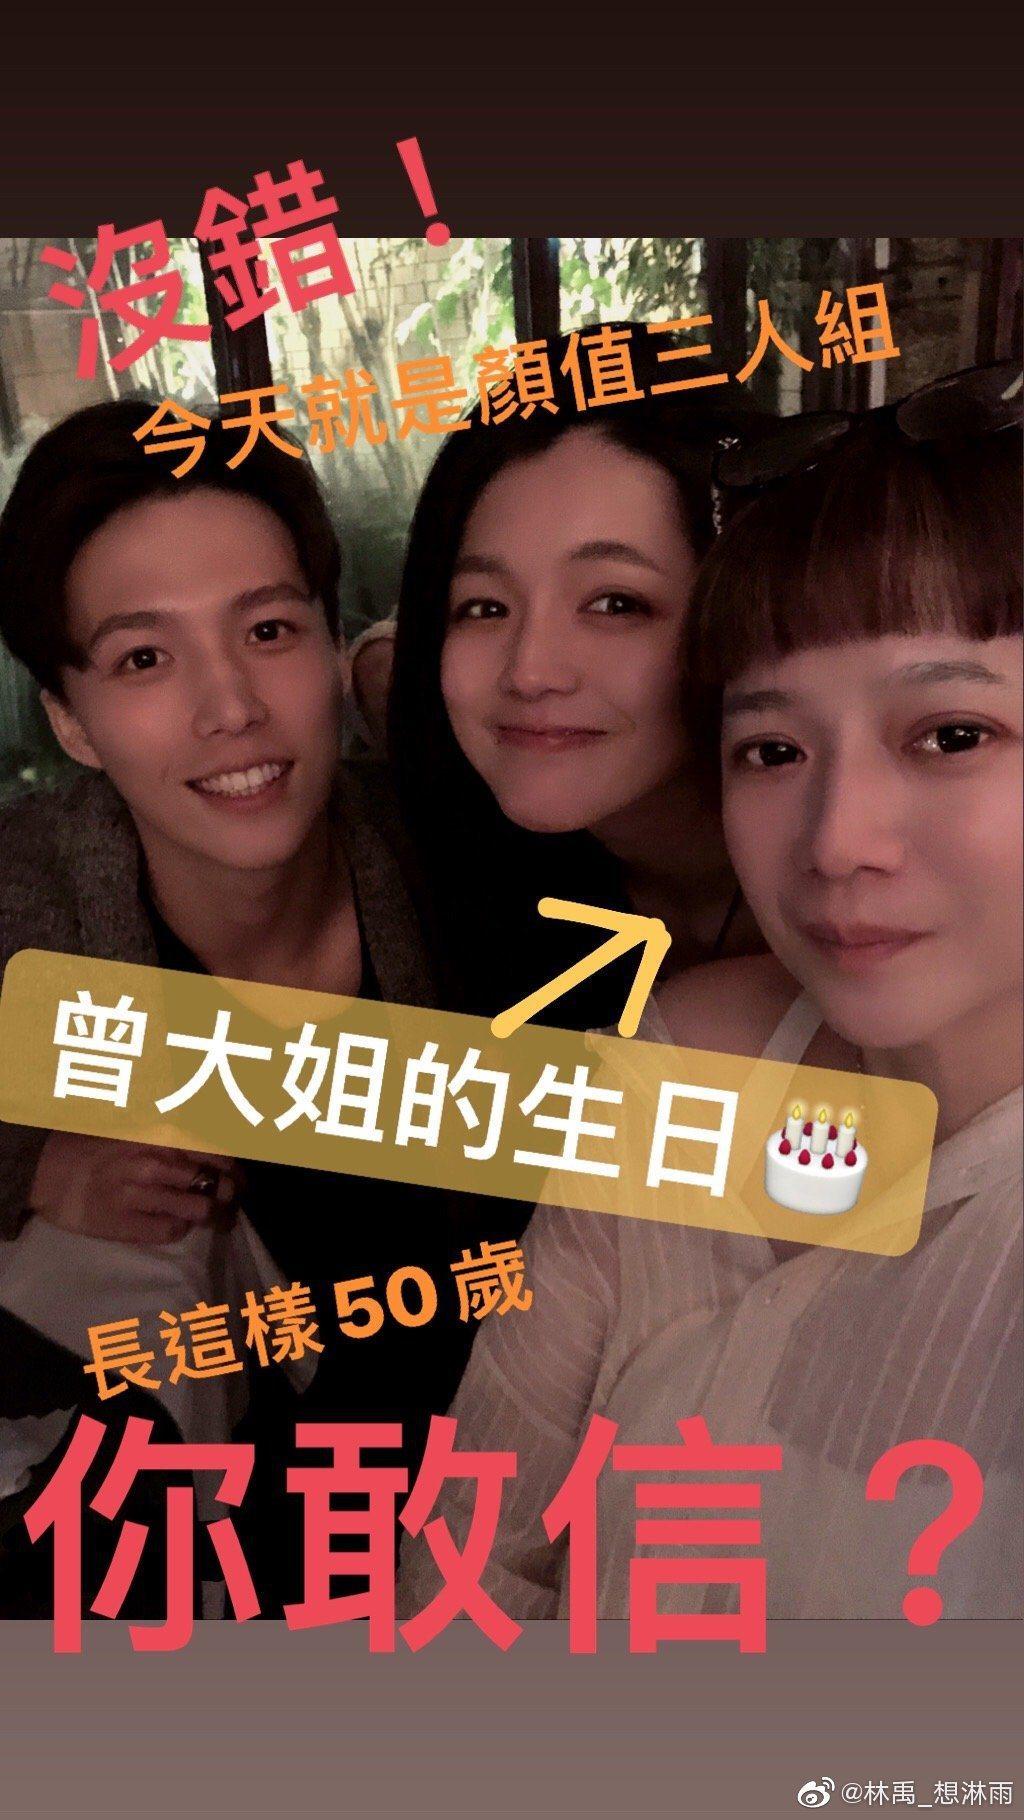 林瑞陽前妻曾哲貞與兒女歡度50歲生日。 圖/擷自林禹微博